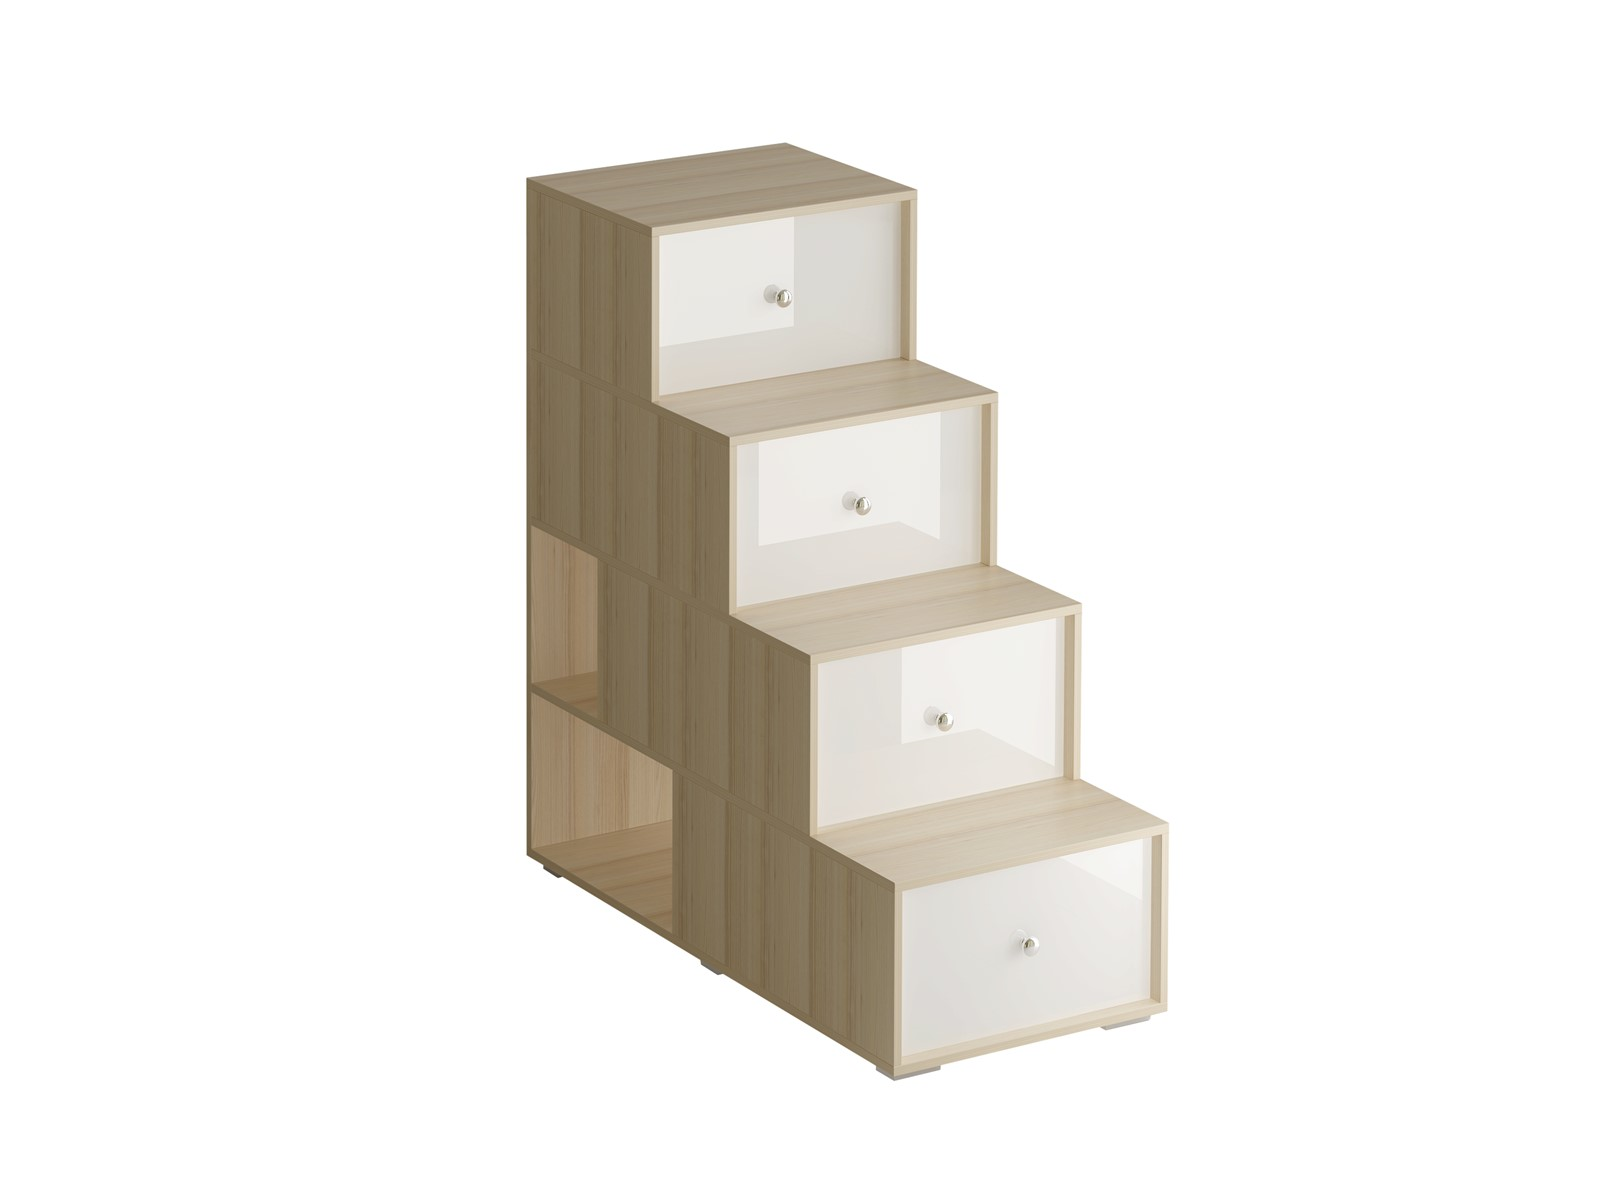 Лестница-комод PlayКровати<br>Лестница-комод состоит из четырёх ступенек. Под ступеньками имеются отделения для хранения. Сбоку лестницы есть две открытые полки. Можно устанавливать и слева и справа от кровати.<br>